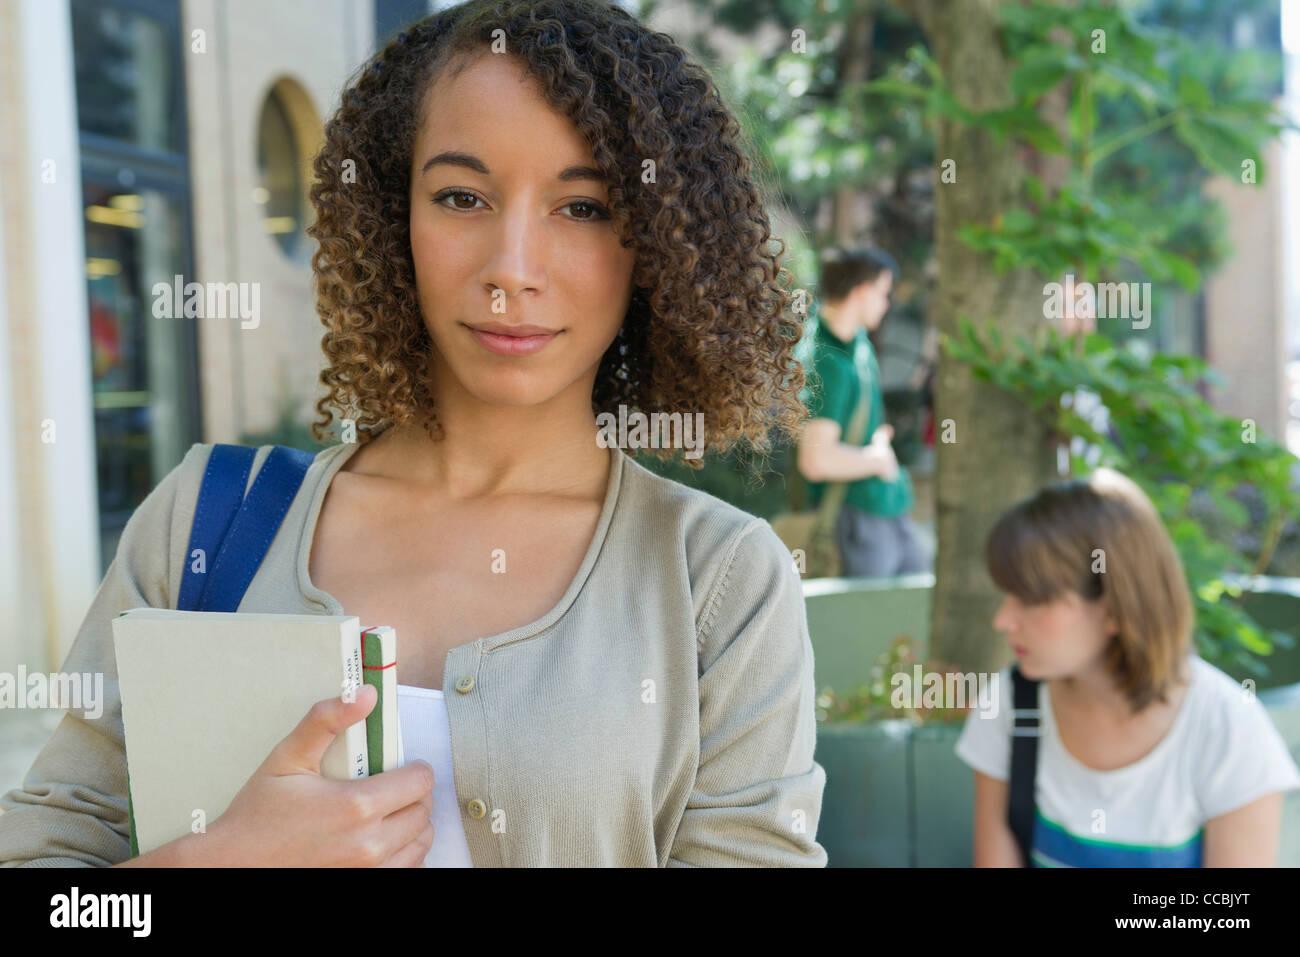 Collegio femminile studente, ritratto Immagini Stock